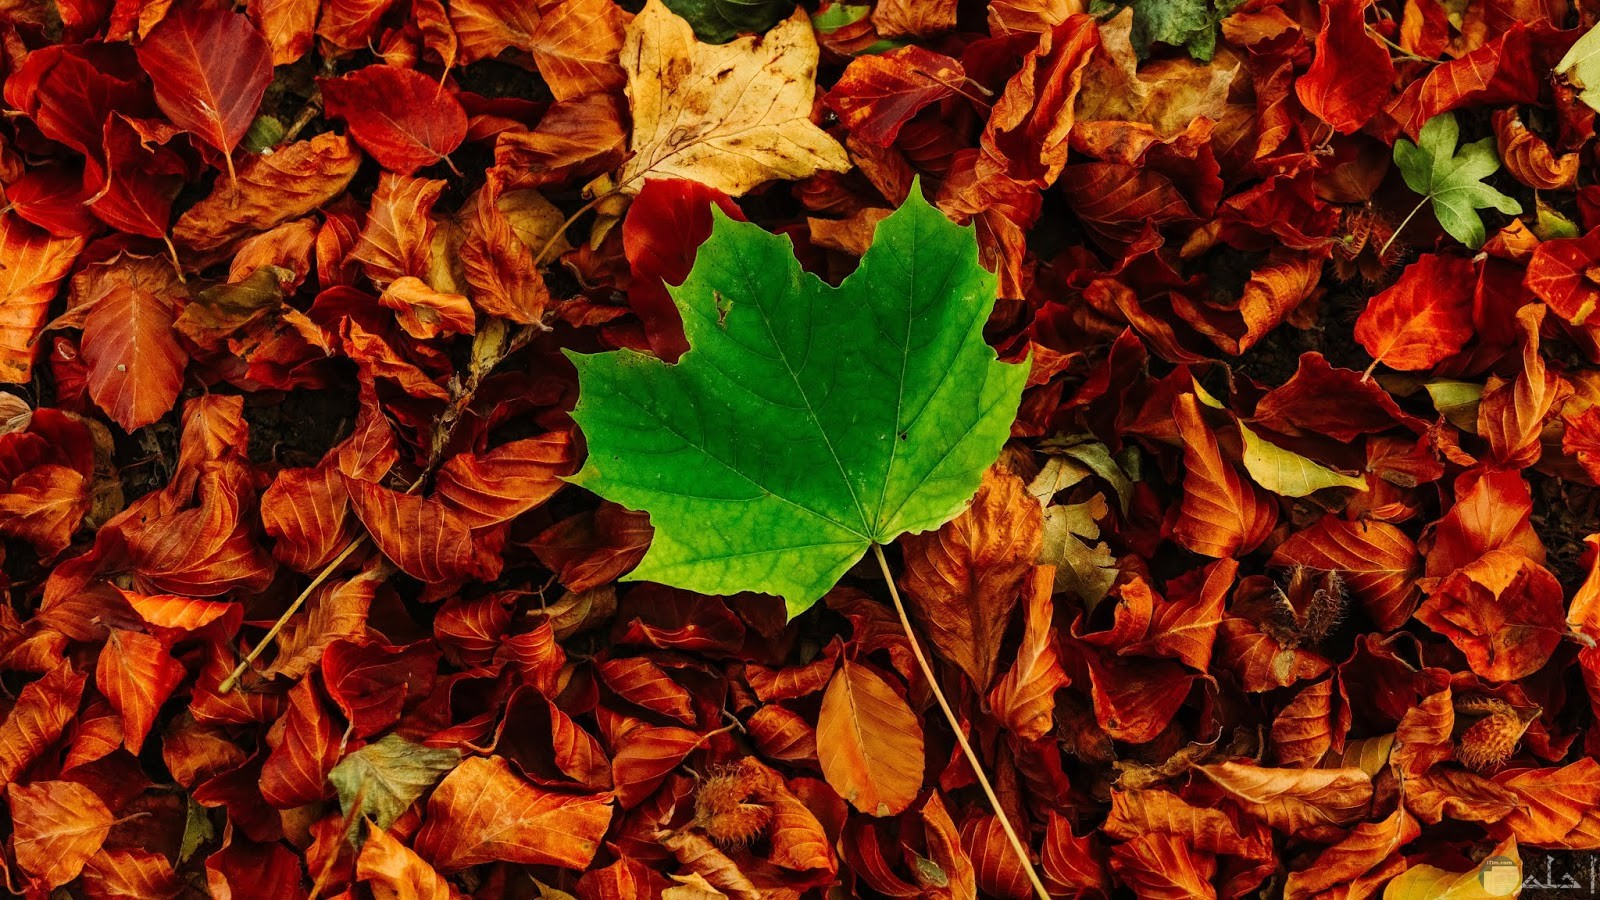 معبرة عن الأمل - ورقة شجر خضراء وسط الأوراق الميتة.